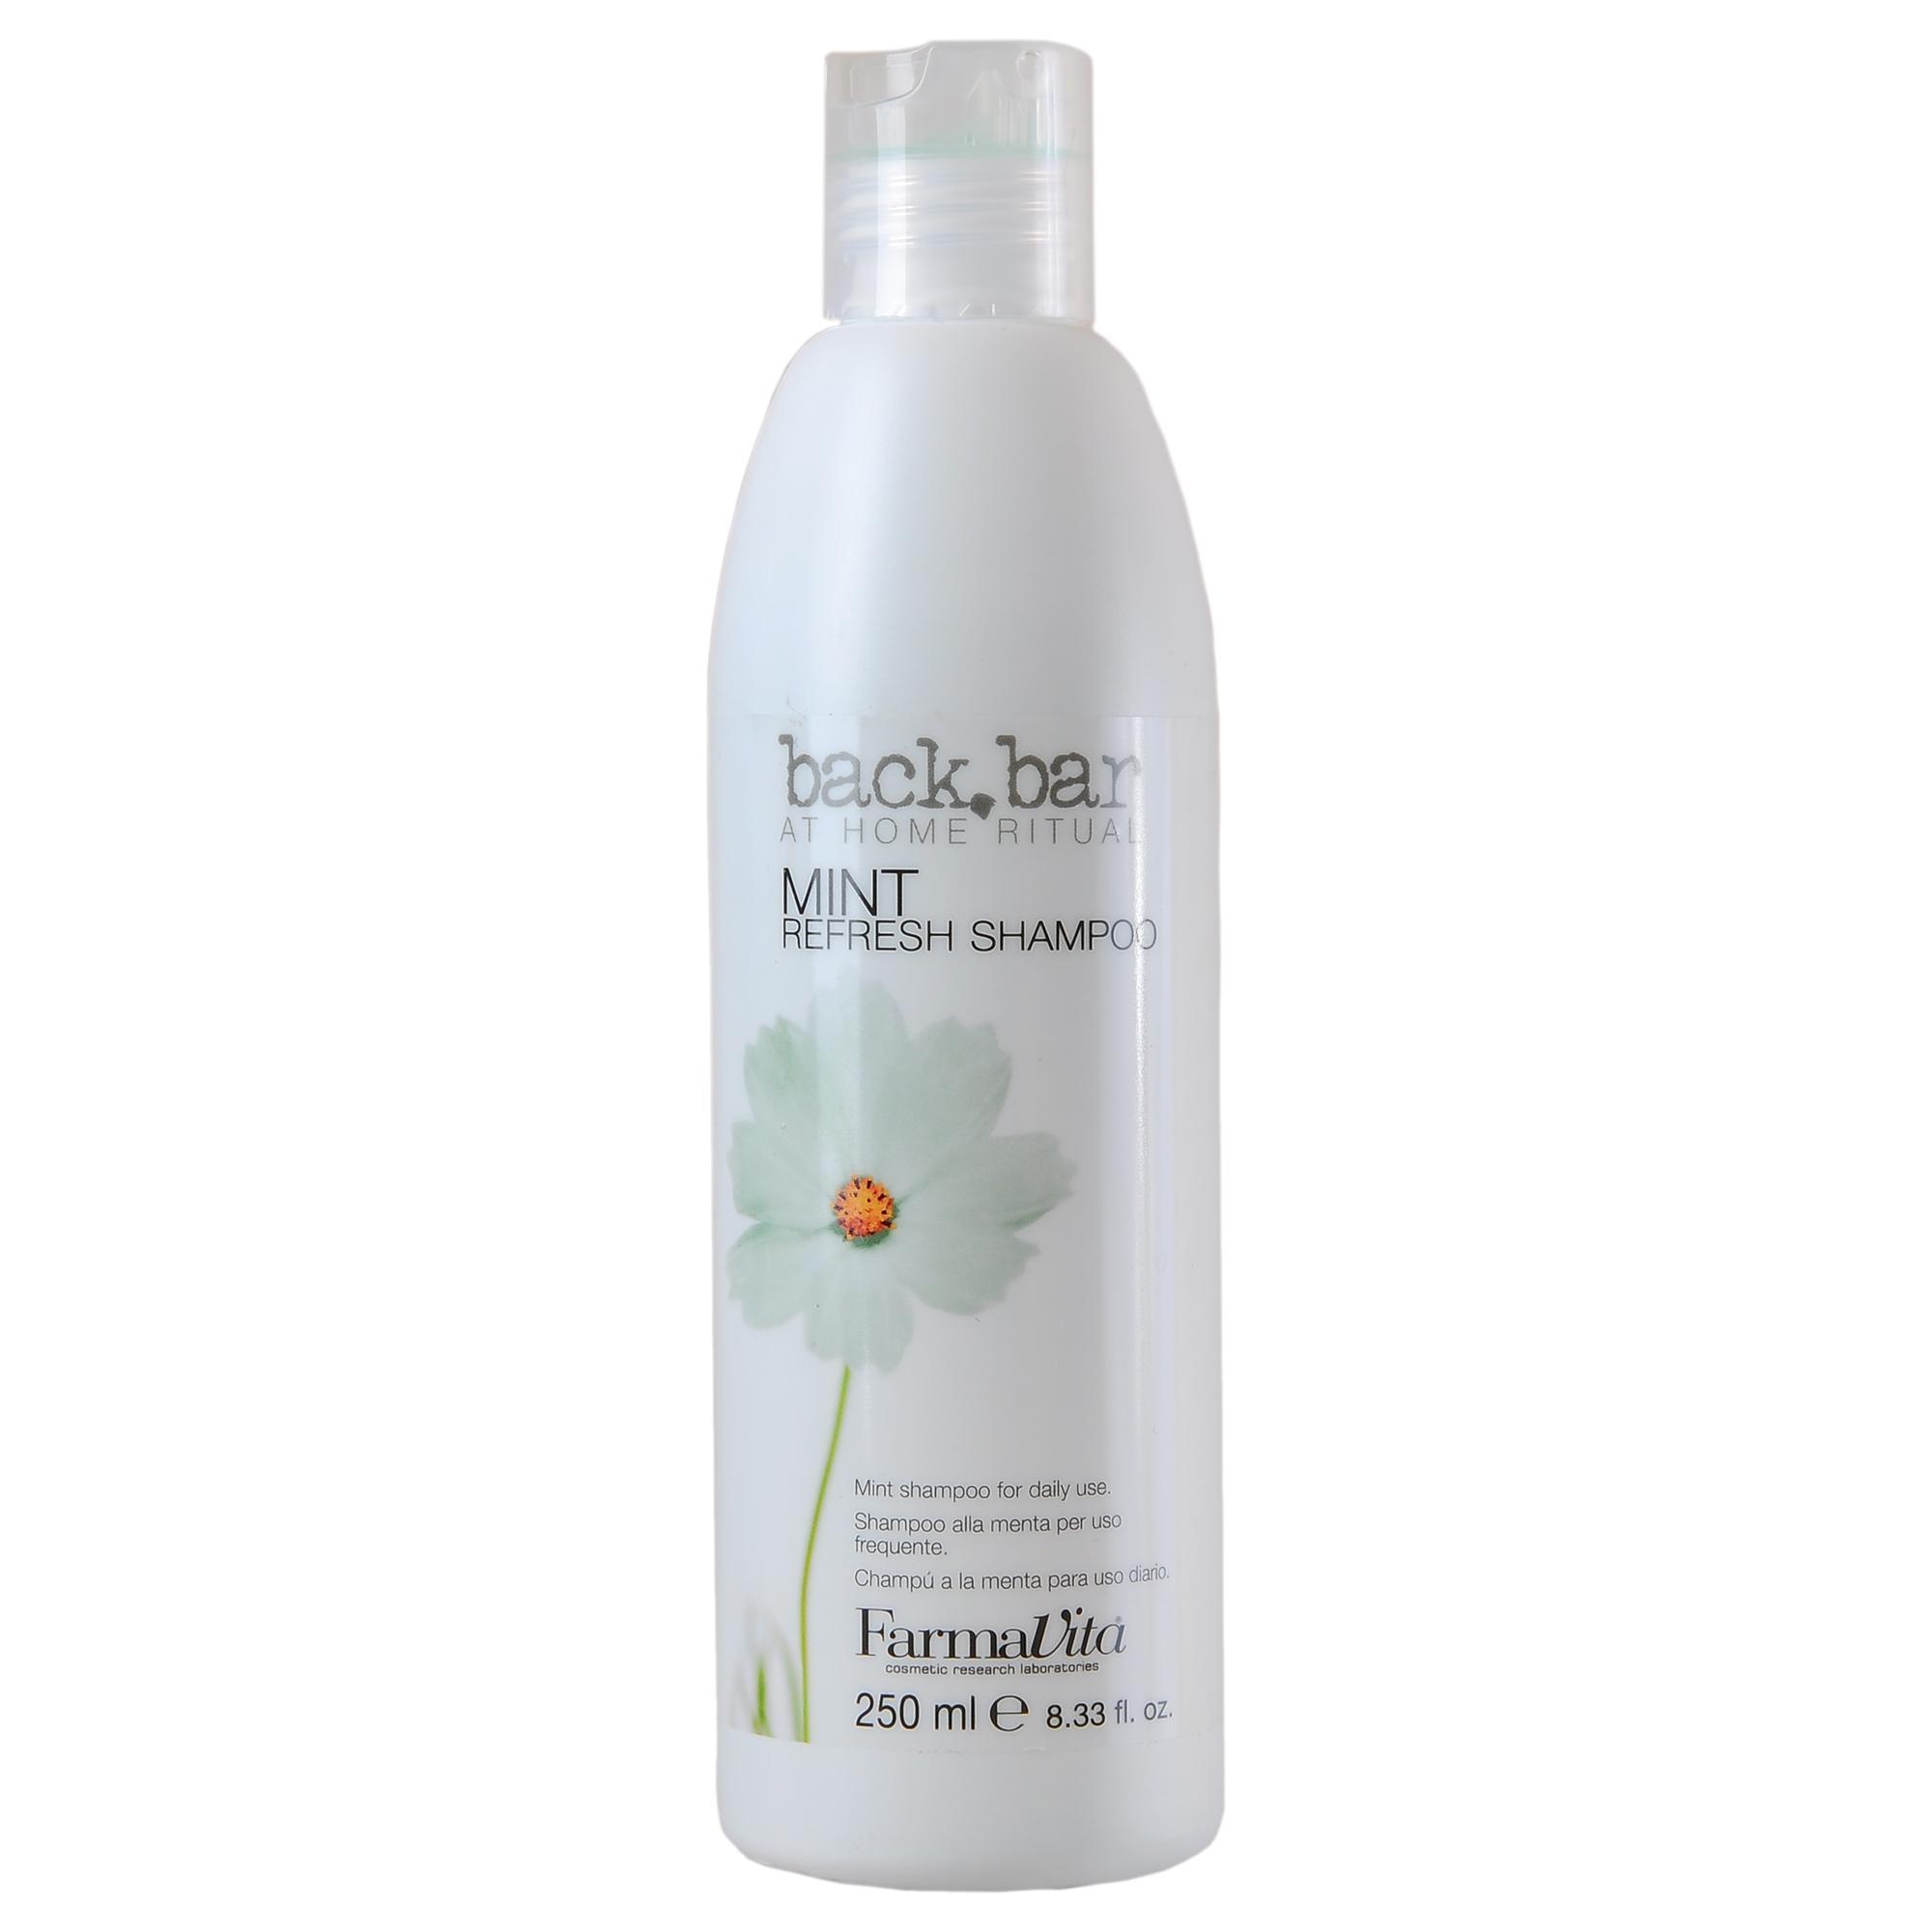 FARMAVITA Шампунь ментоловый Mint Shampoo / BACK BAR 250 млШампуни<br>Ментоловый шампунь Back Bar - профессиональный продукт для использования в салоне. Имеет нейтральный pH. Шампунь для всех типов волос. Подходит для ежедневного использования. Идеально очищает волосы, оптимально подготавливает их для дальнейшей обработки - глубокая очистка перед химическими процедурами (окрашивание волос, завивка, выпрямление и т.д.). Великолепно удаляет излишнее количество укладочных средств. Рекомендуется также для потеющей и жирной кожи головы. Активные ингредиенты: экстракт мяты. Способ применения: нанесите шампунь Back Bar Mint на увлажненную кожу головы. Массирующими движениями распределите шампунь по волосам, затем бережно смойте. При необходимости повторите процедуру. Нанесите подходящее для ваших волос средство для ухода. Рекомендуется использовать перед химическими процедурами, чтобы добиться стабильного результата. Оставьте средство на волосах на 3 минуты перед использованием красок прямого действия, чтобы подготовить волосы к лучшему впитыванию красящих пигментов.<br><br>Объем: 250 мл<br>Тип кожи головы: Жирная<br>Класс косметики: Профессиональная